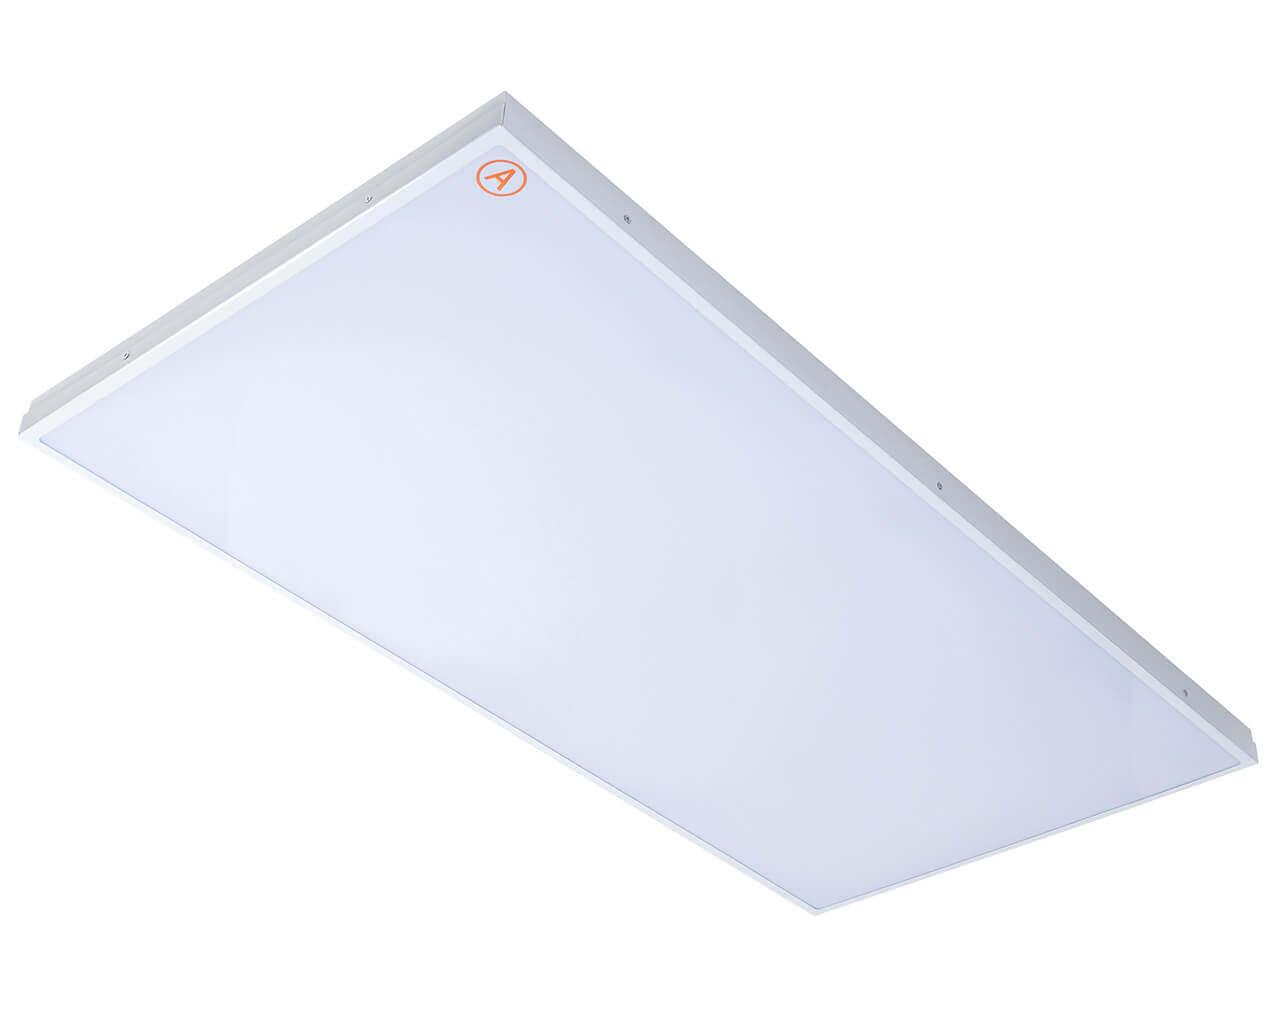 Универсальный светильник LC-SIP-120 ватт 1195x595 IP65 Теплый белый Опал с Бап 3 часа